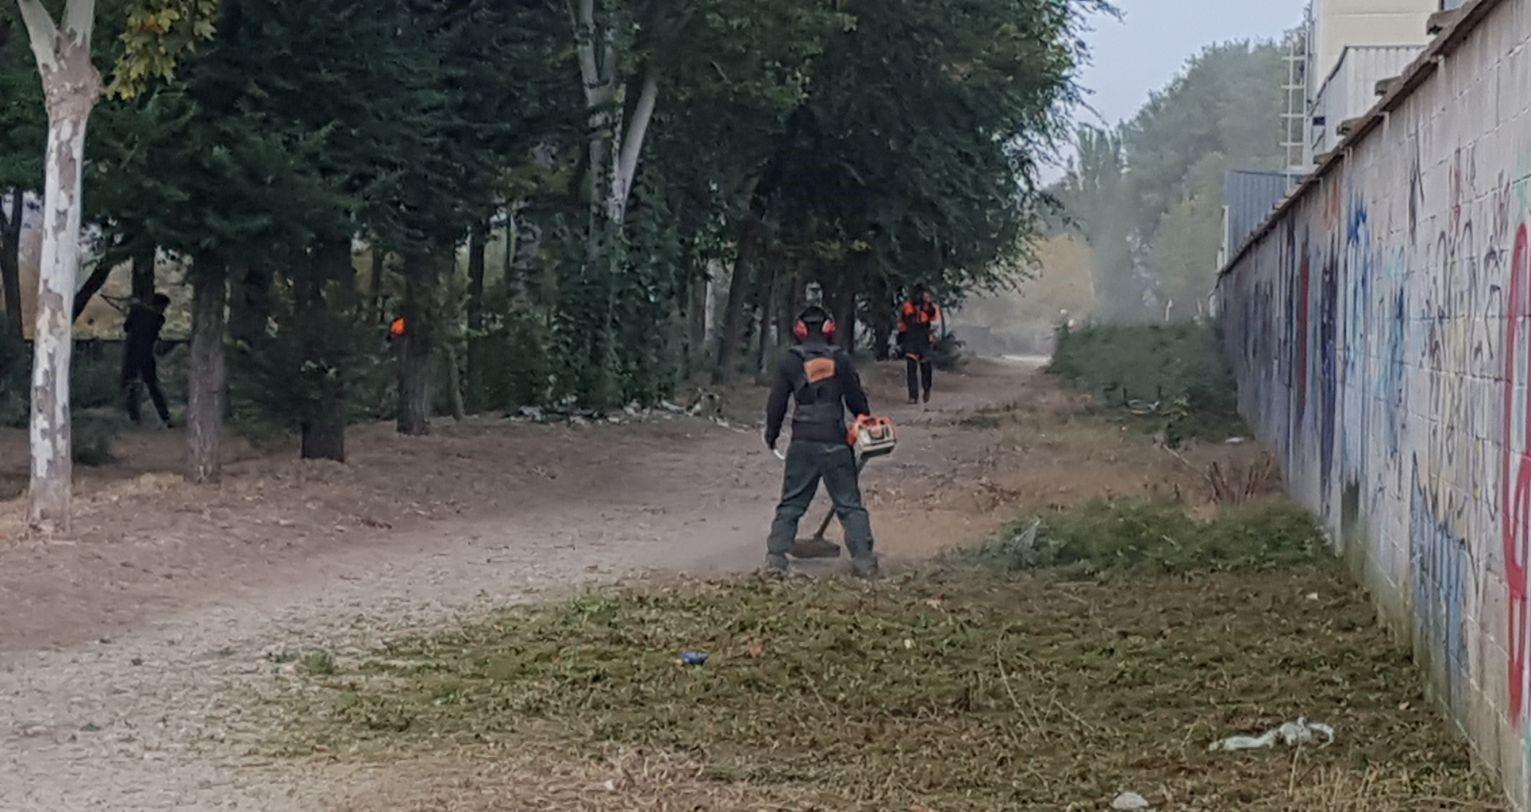 El Parque Regional del Sureste atiende la petición del Ayuntamiento de Velilla para realizar labores de limpieza y mantenimiento de la Laguna El Raso